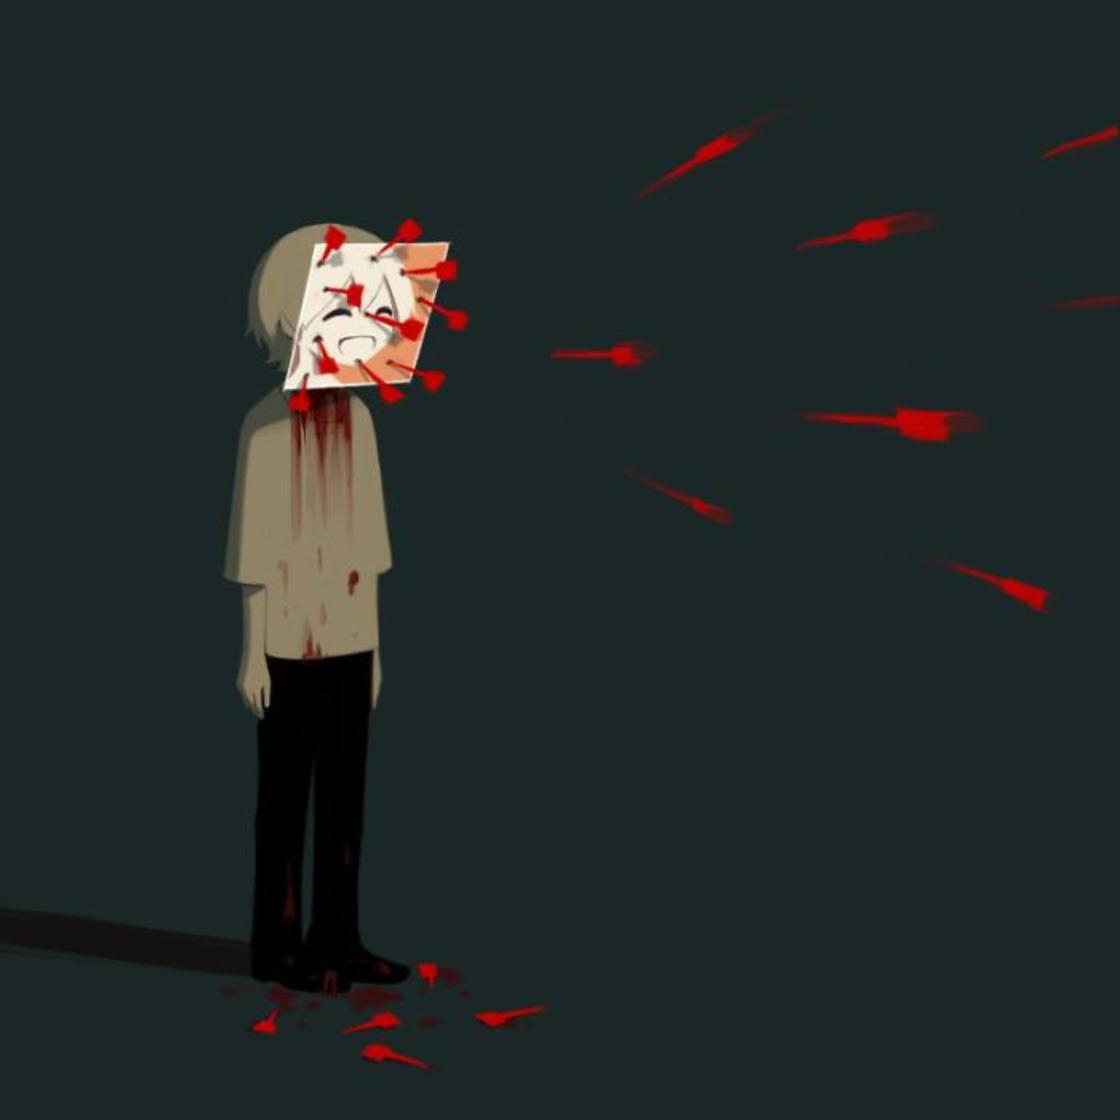 Sombres, satiriques mais poetiques, les illustrations du japonais Avogado6